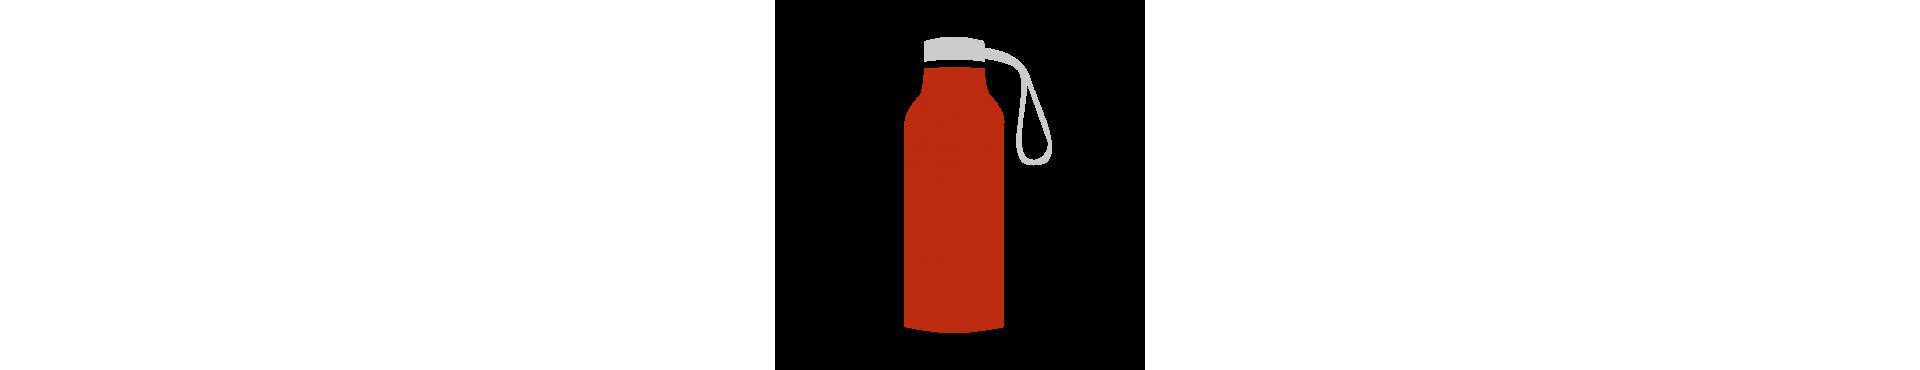 Becontatto Bottles borracce termiche